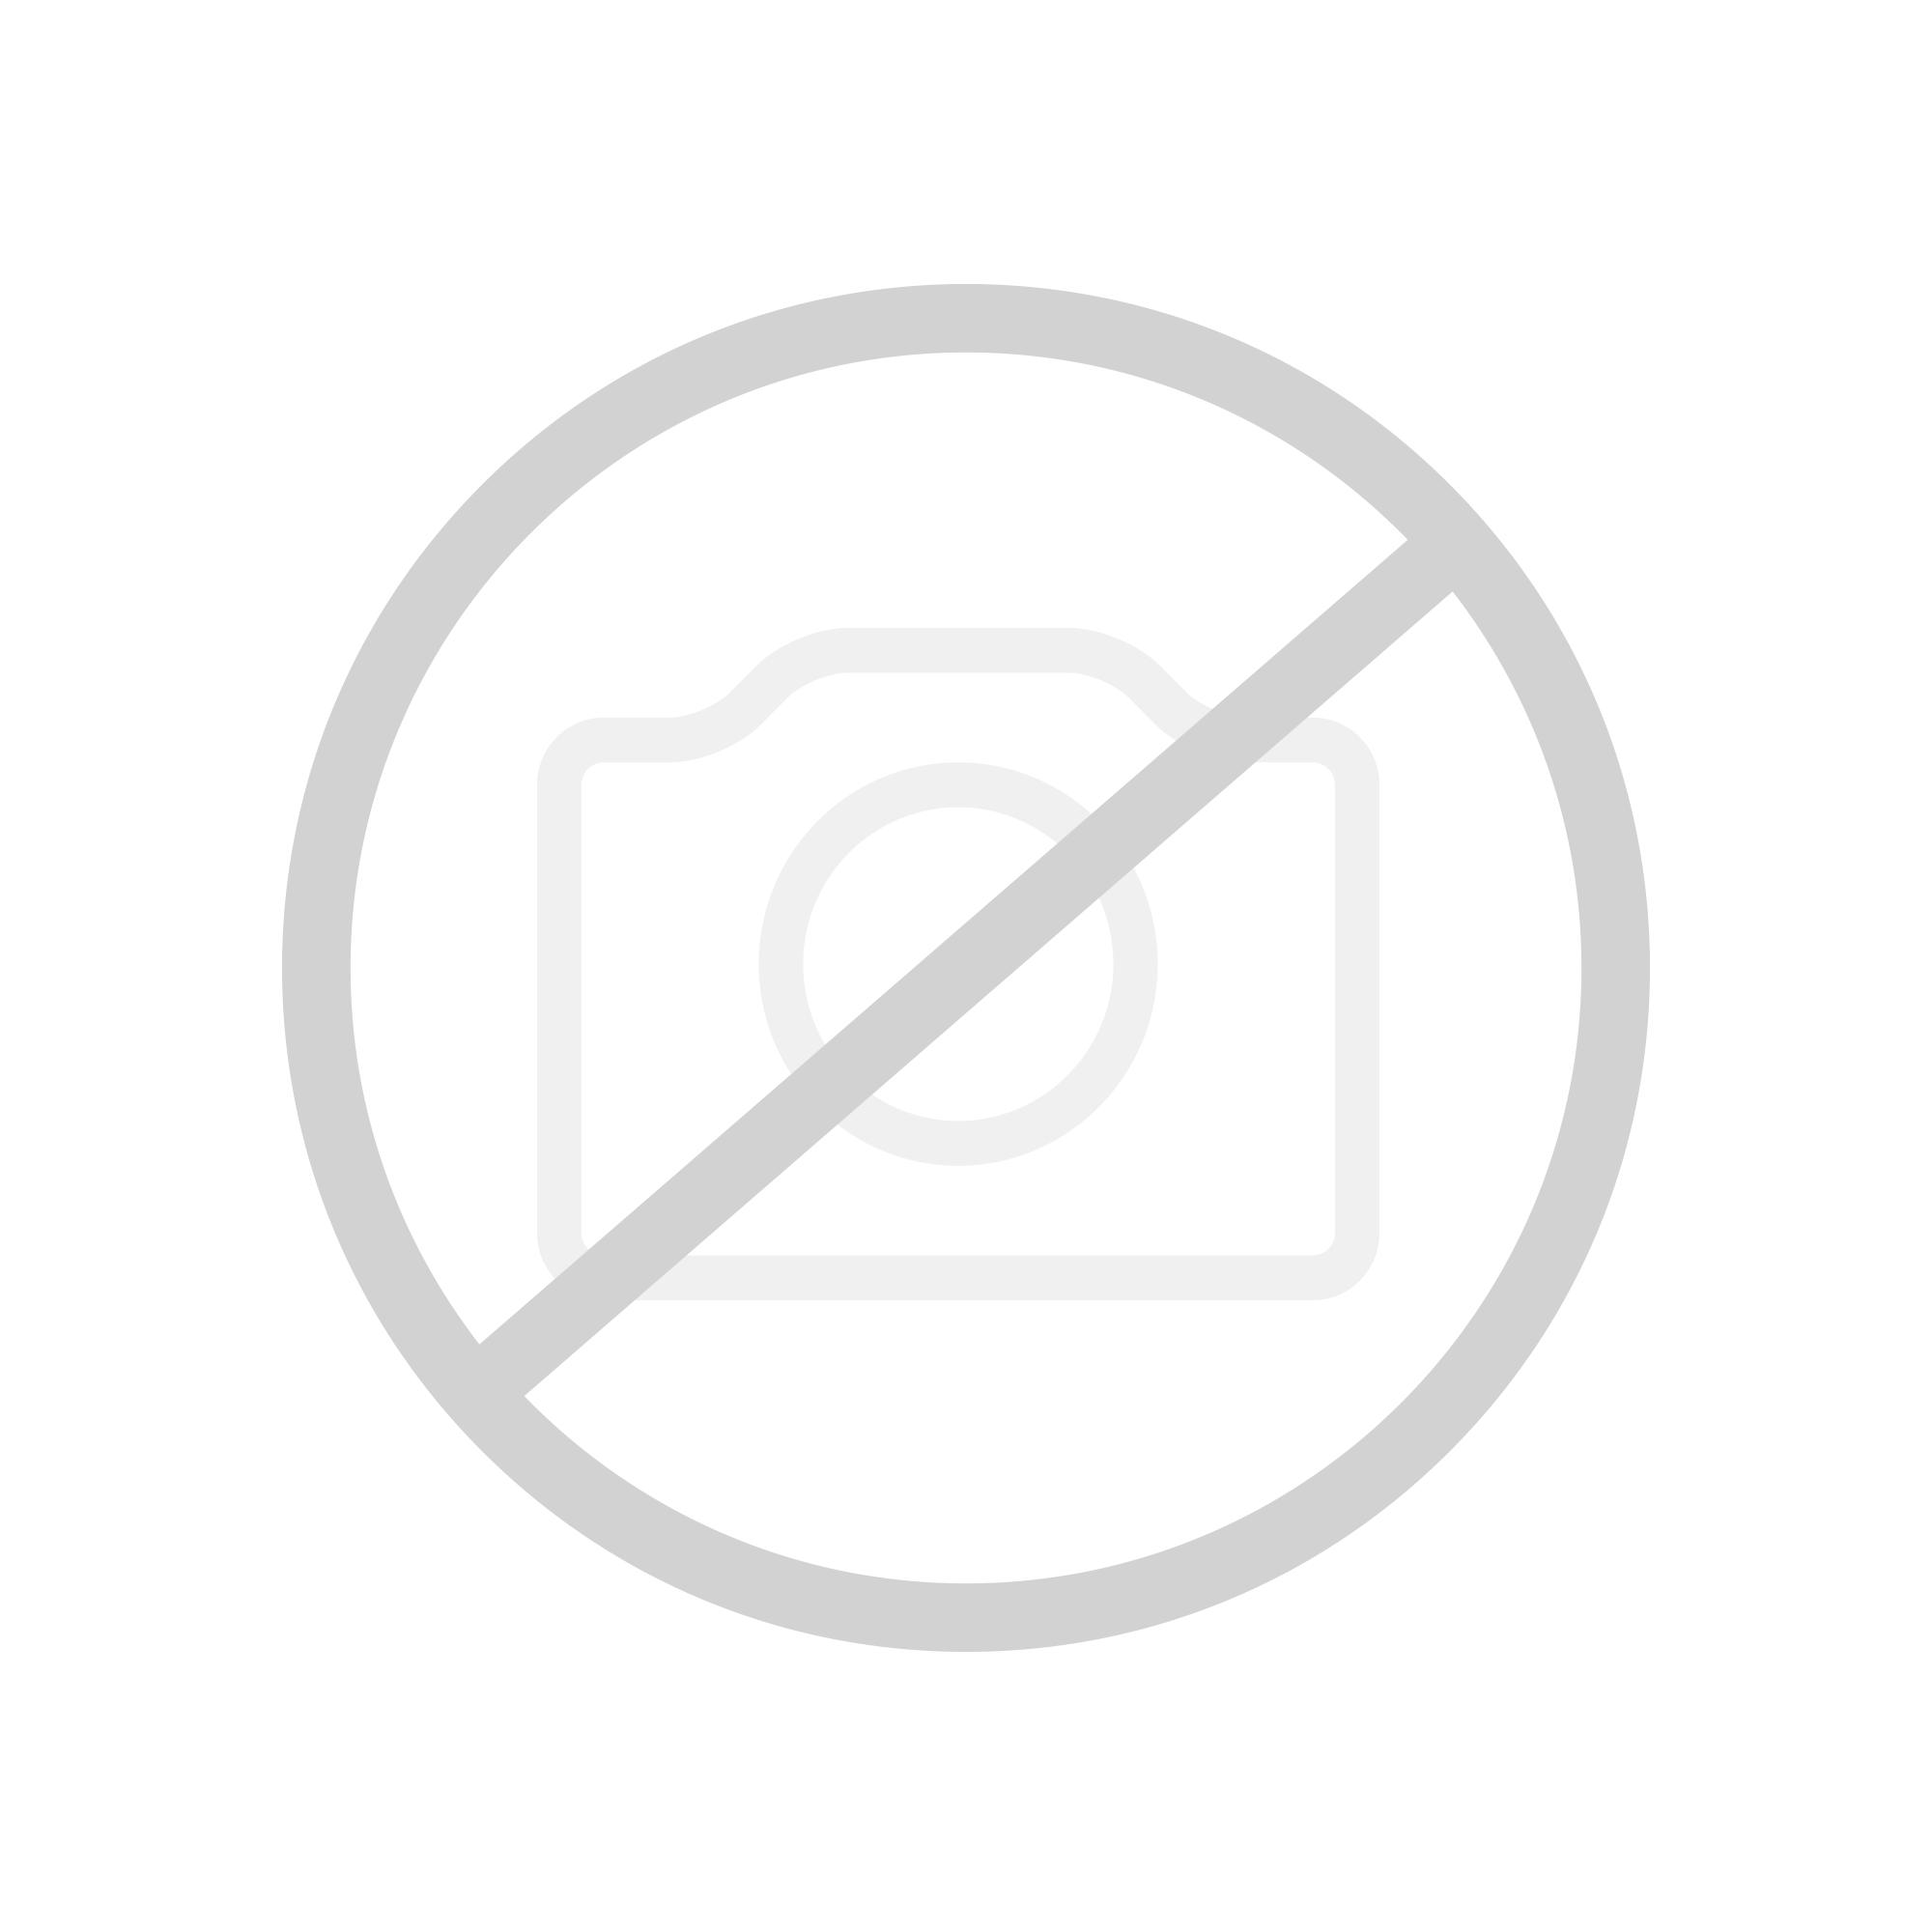 kaldewei vaio duo oval freistehende ovale badewanne m verkleidung wei perl effekt. Black Bedroom Furniture Sets. Home Design Ideas